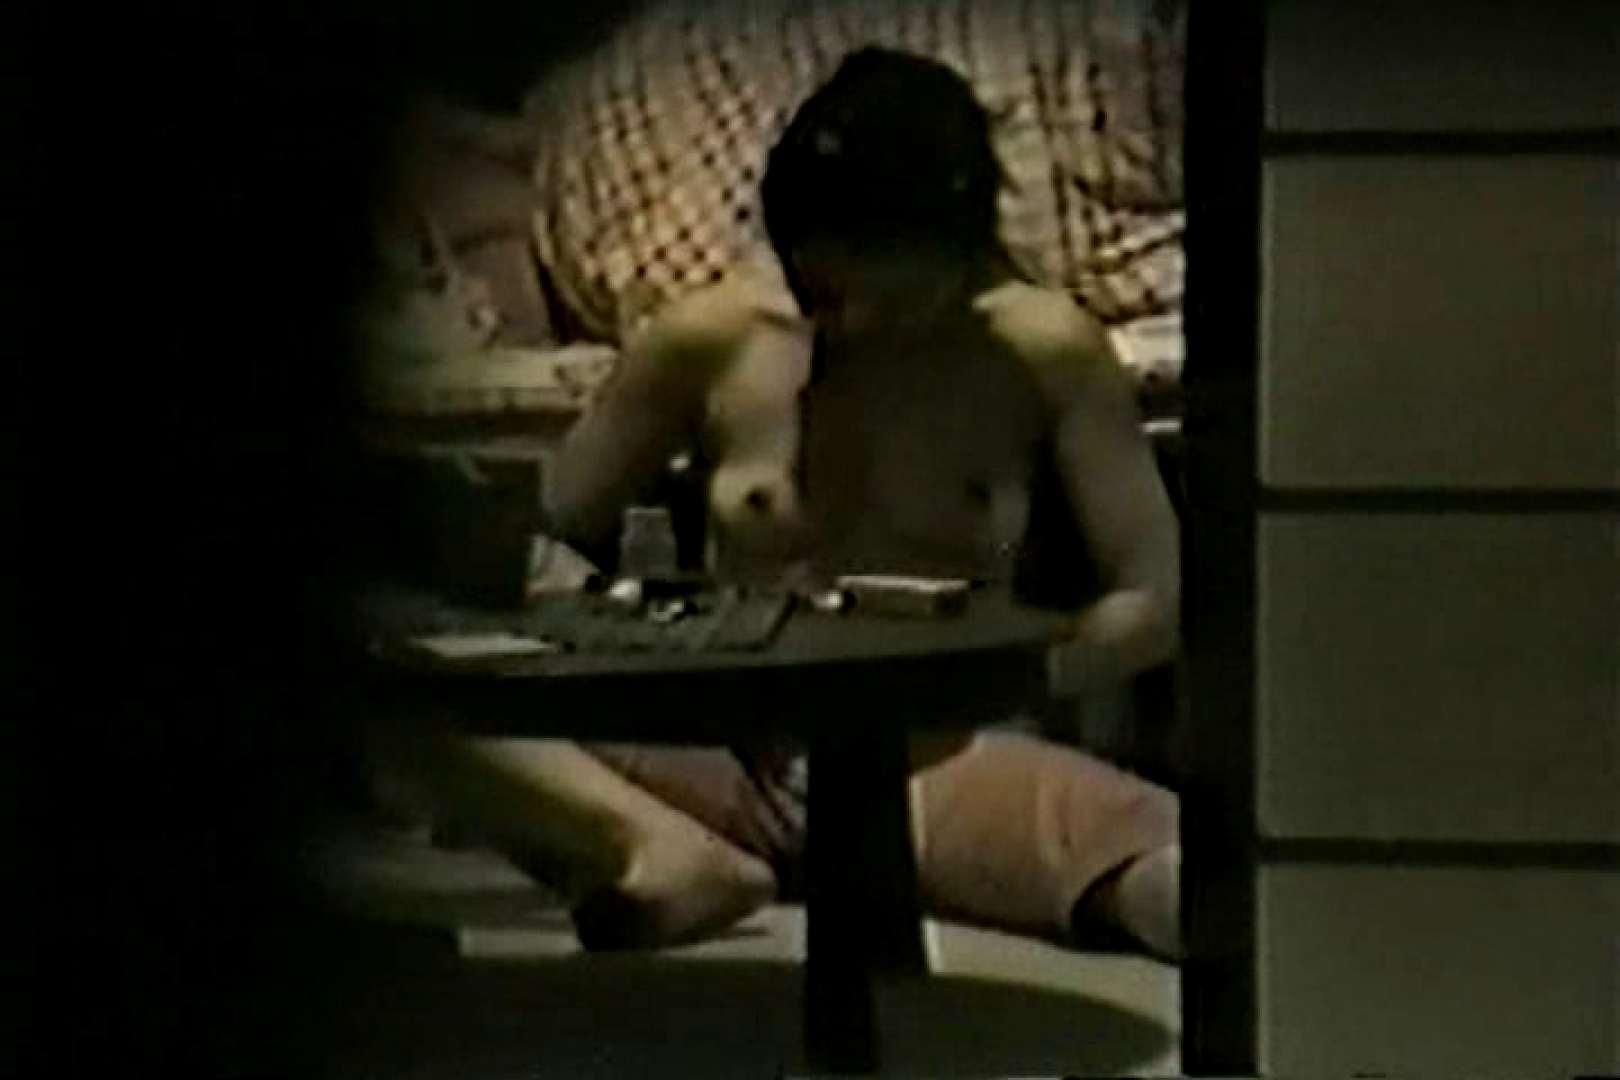 深夜の撮影会Vol.6 民家でお風呂   オナニー  24連発 1